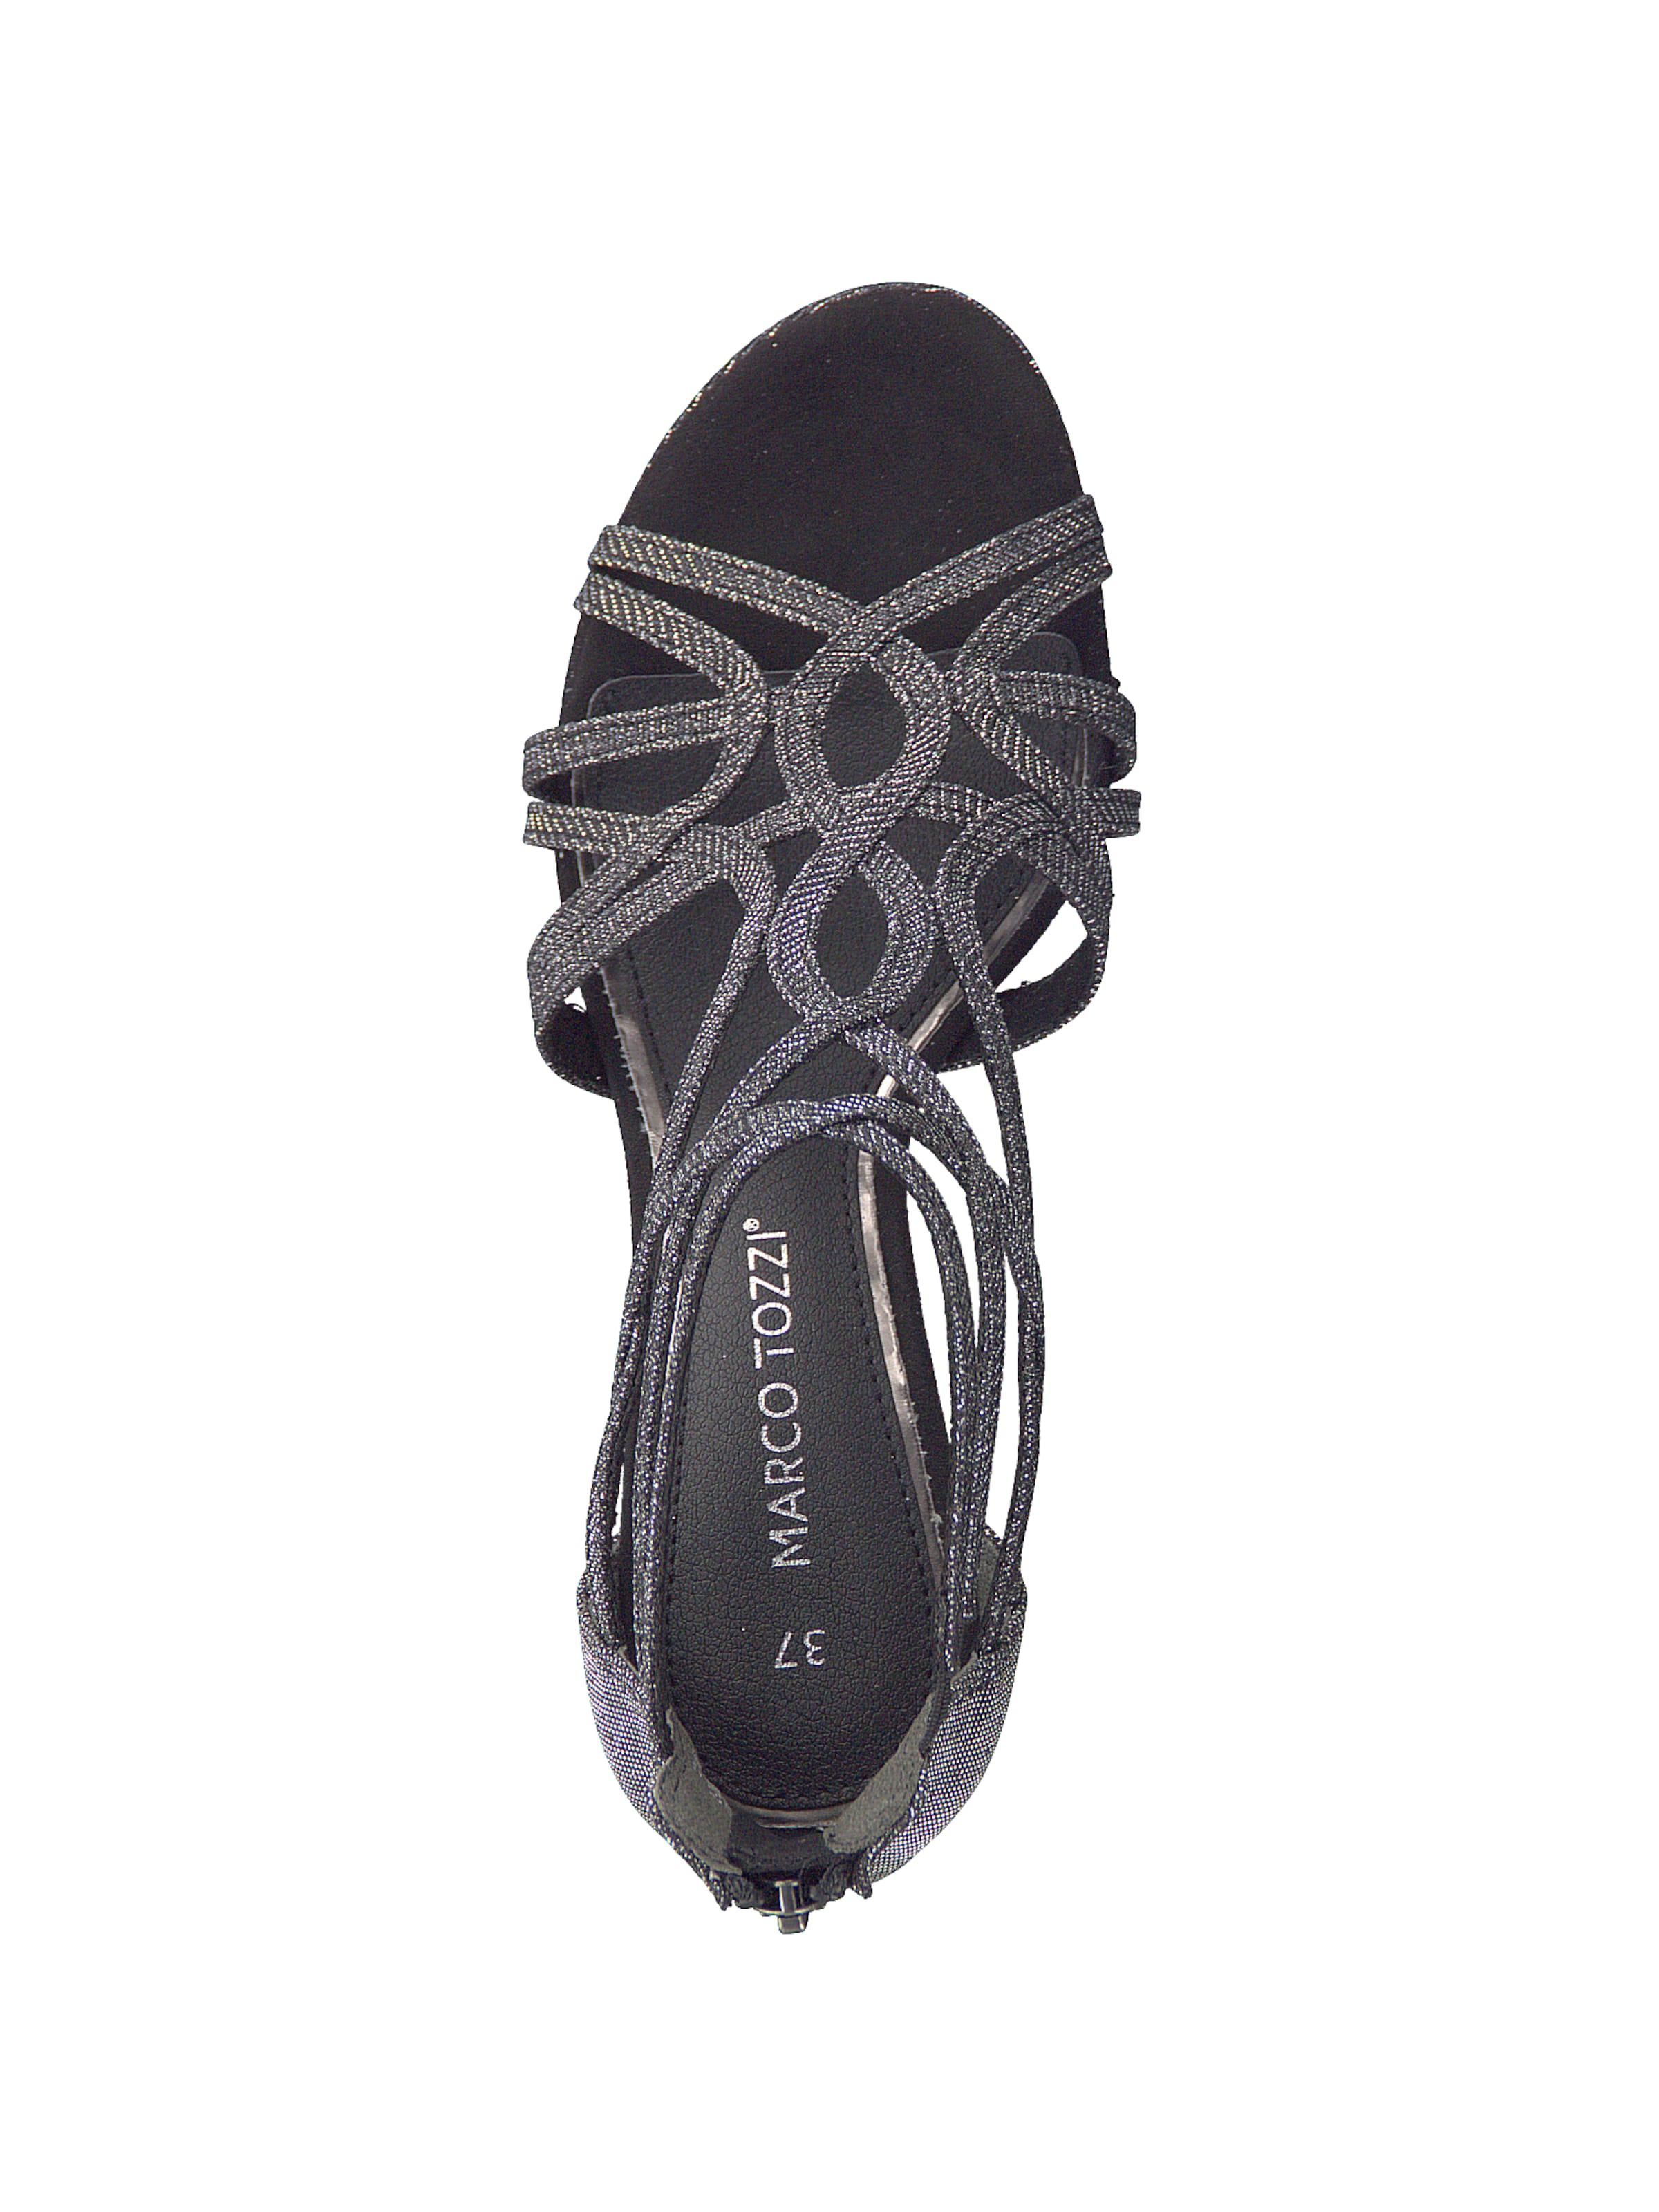 Sandalette Sandalette In In Schwarz Tozzi Tozzi Marco Marco X8POknN0w